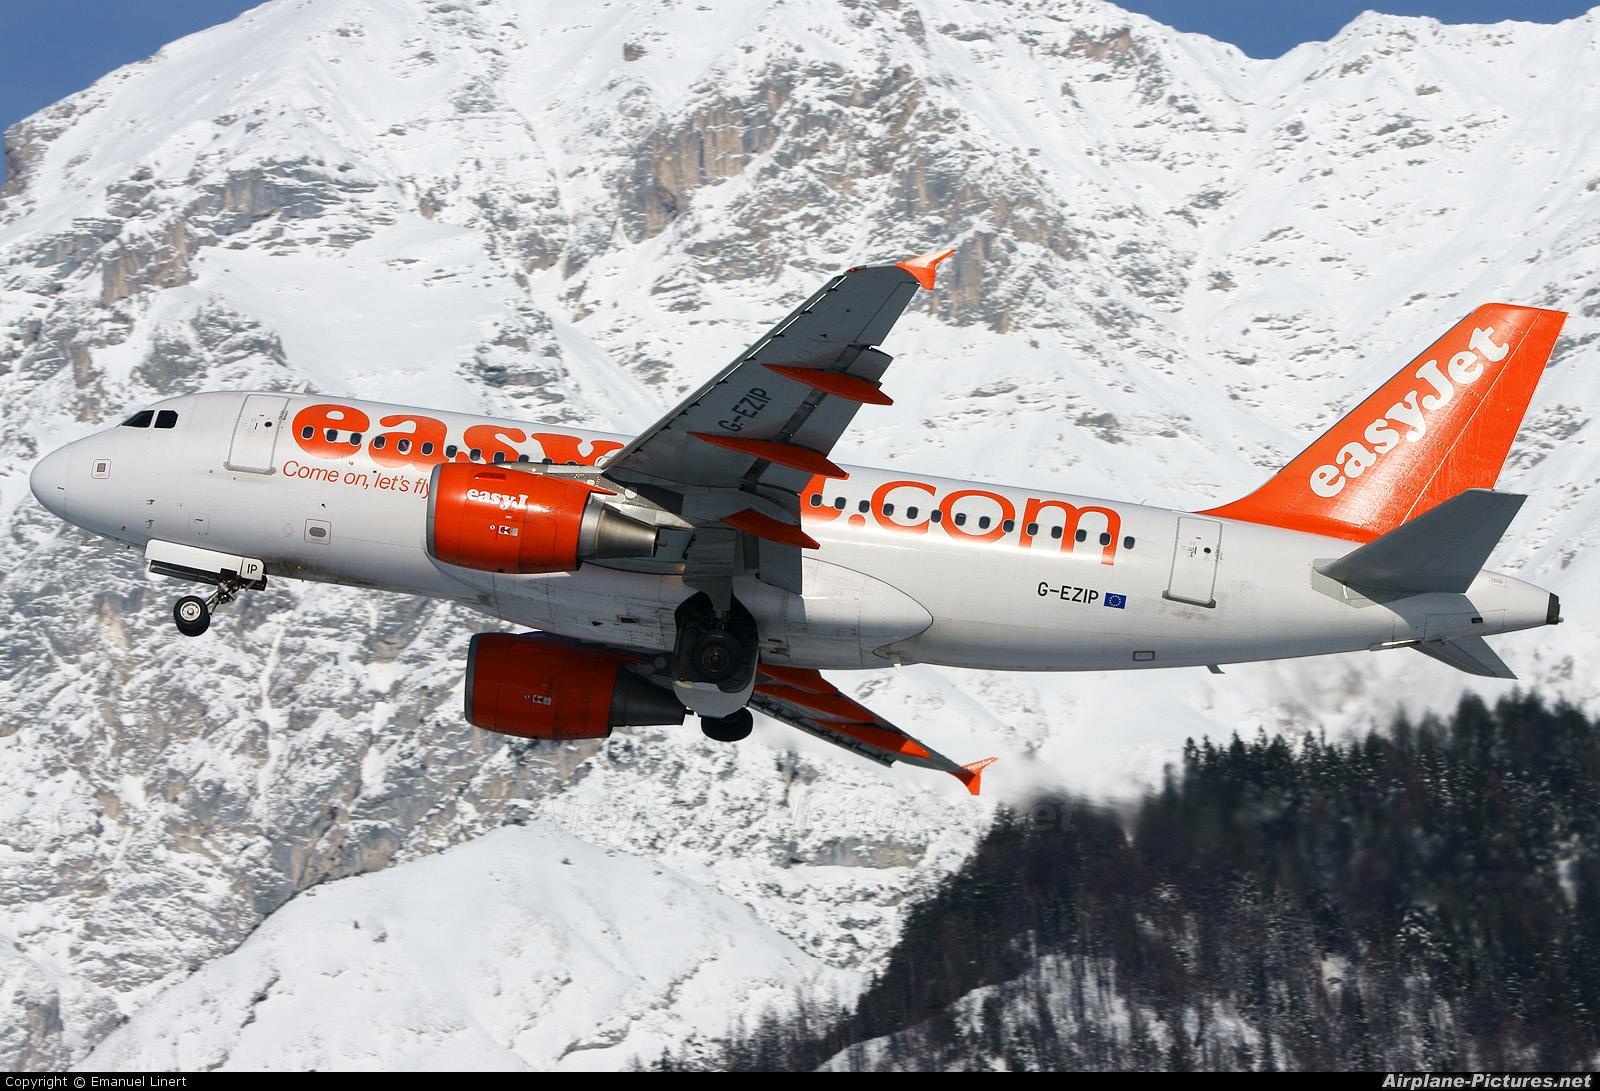 easyJet G-EZIP aircraft at Innsbruck